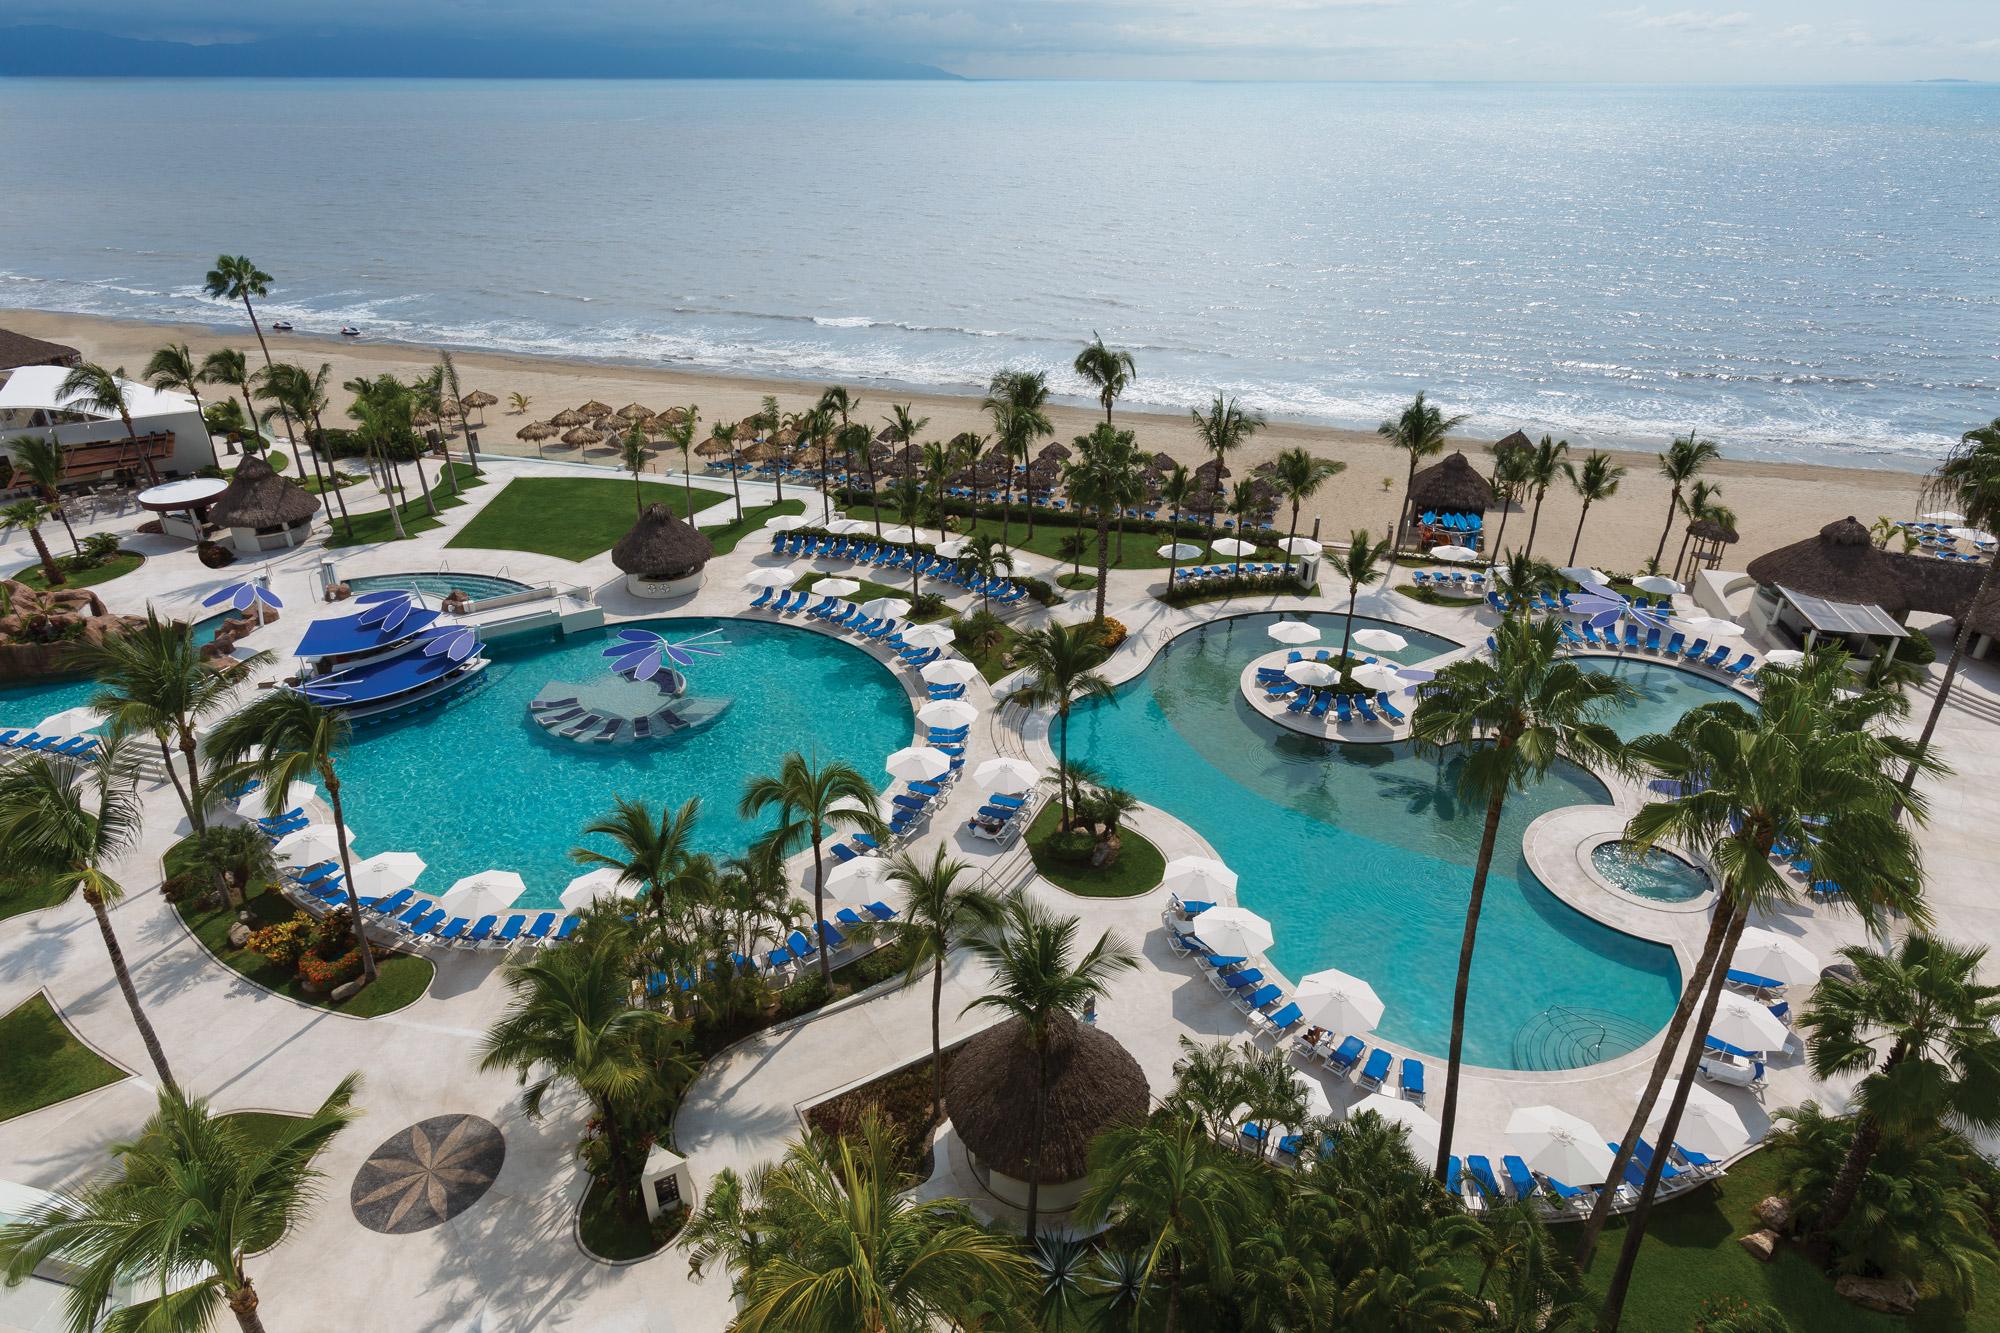 Hard Rock Hotel Vallarta Riviera Nayarit Transat